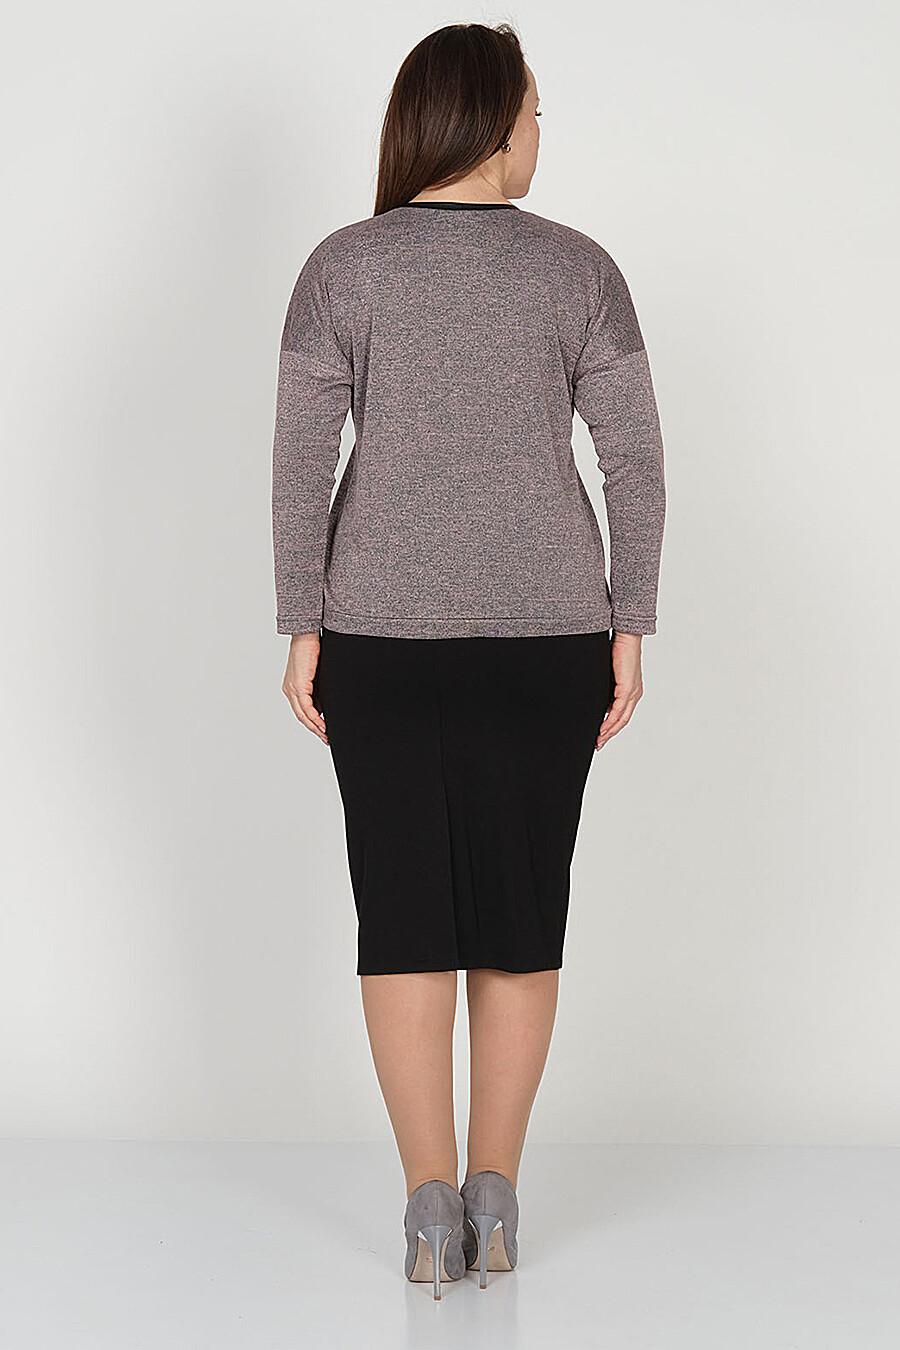 Джемпер для женщин AMARTI 169534 купить оптом от производителя. Совместная покупка женской одежды в OptMoyo